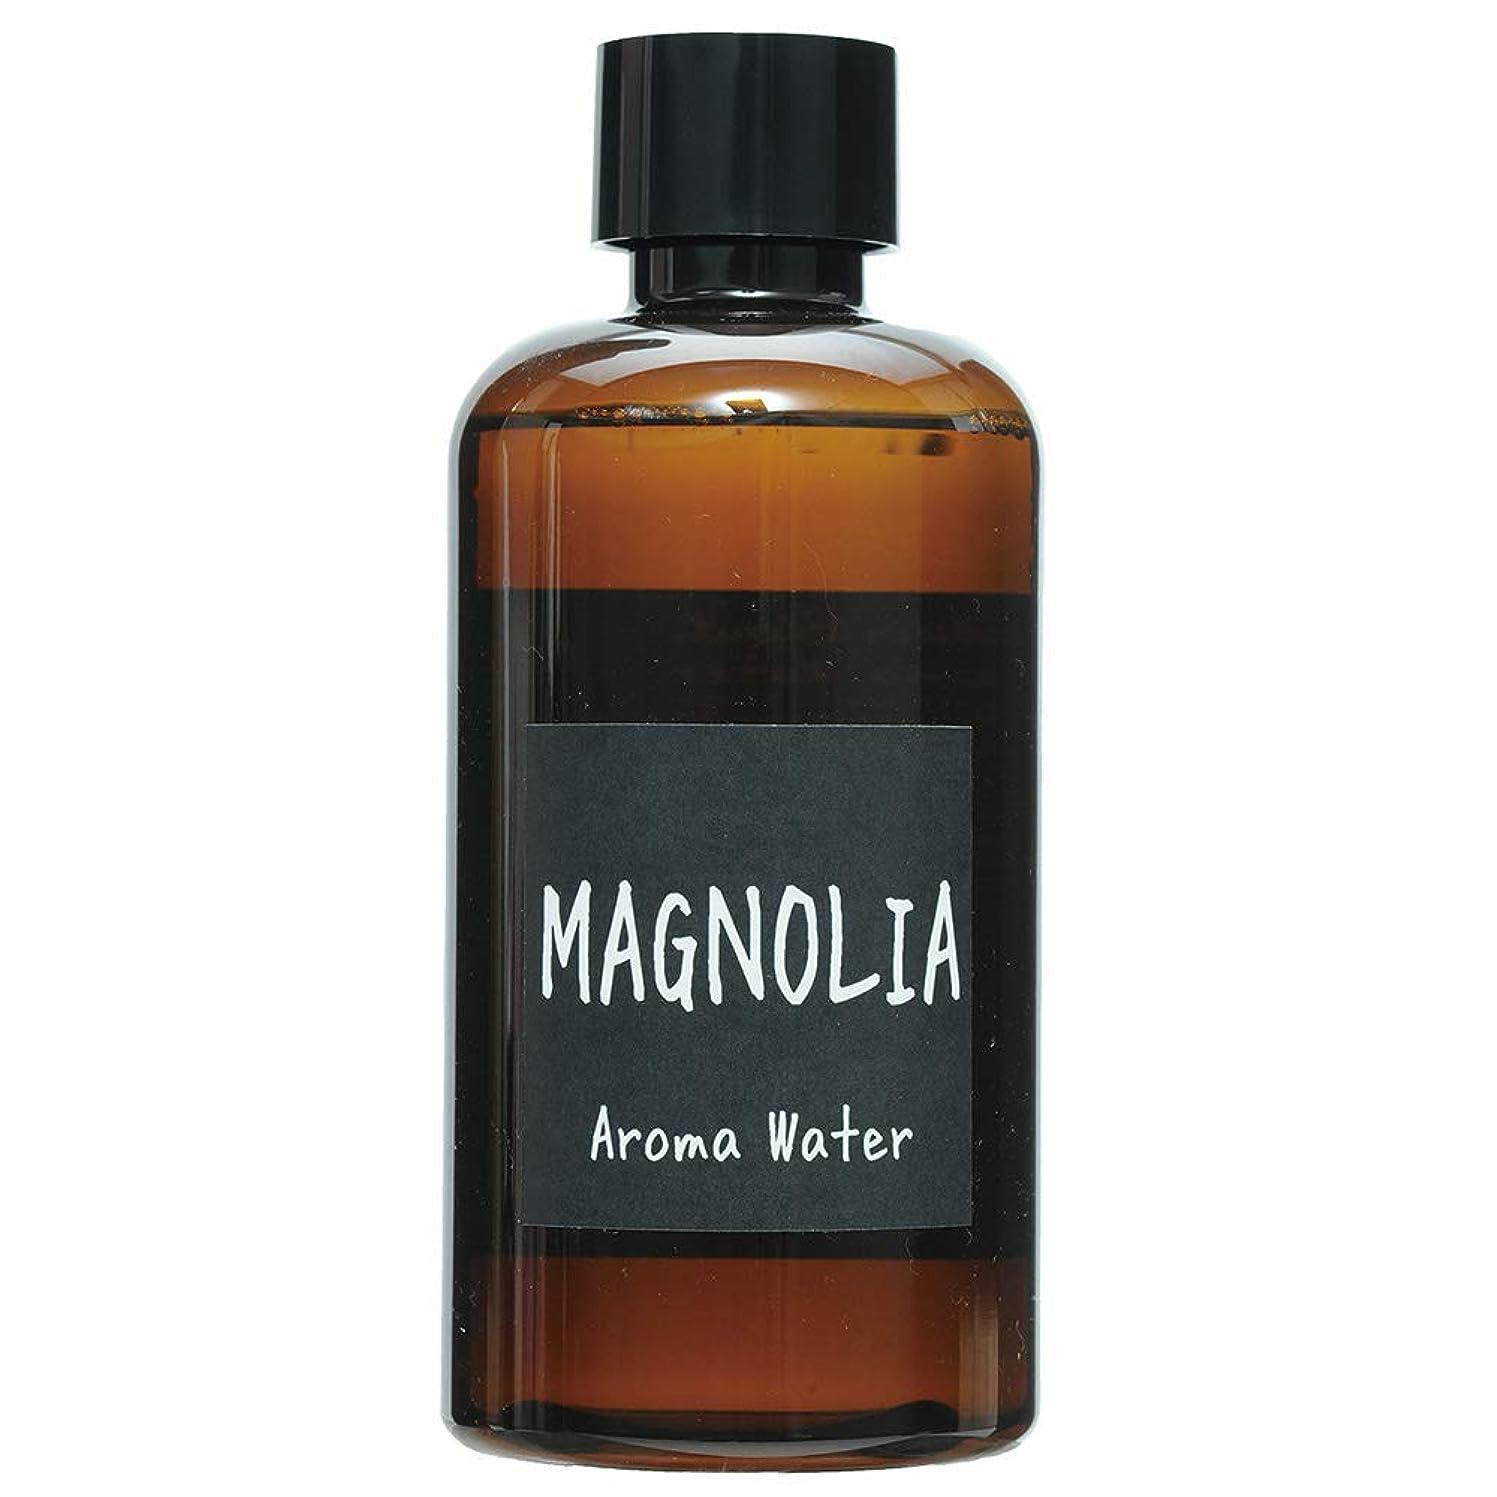 鏡急勾配のチャートノルコーポレーション アロマウォーター ジョンズブレンド 加湿器用 マグノリアの香り 520ml